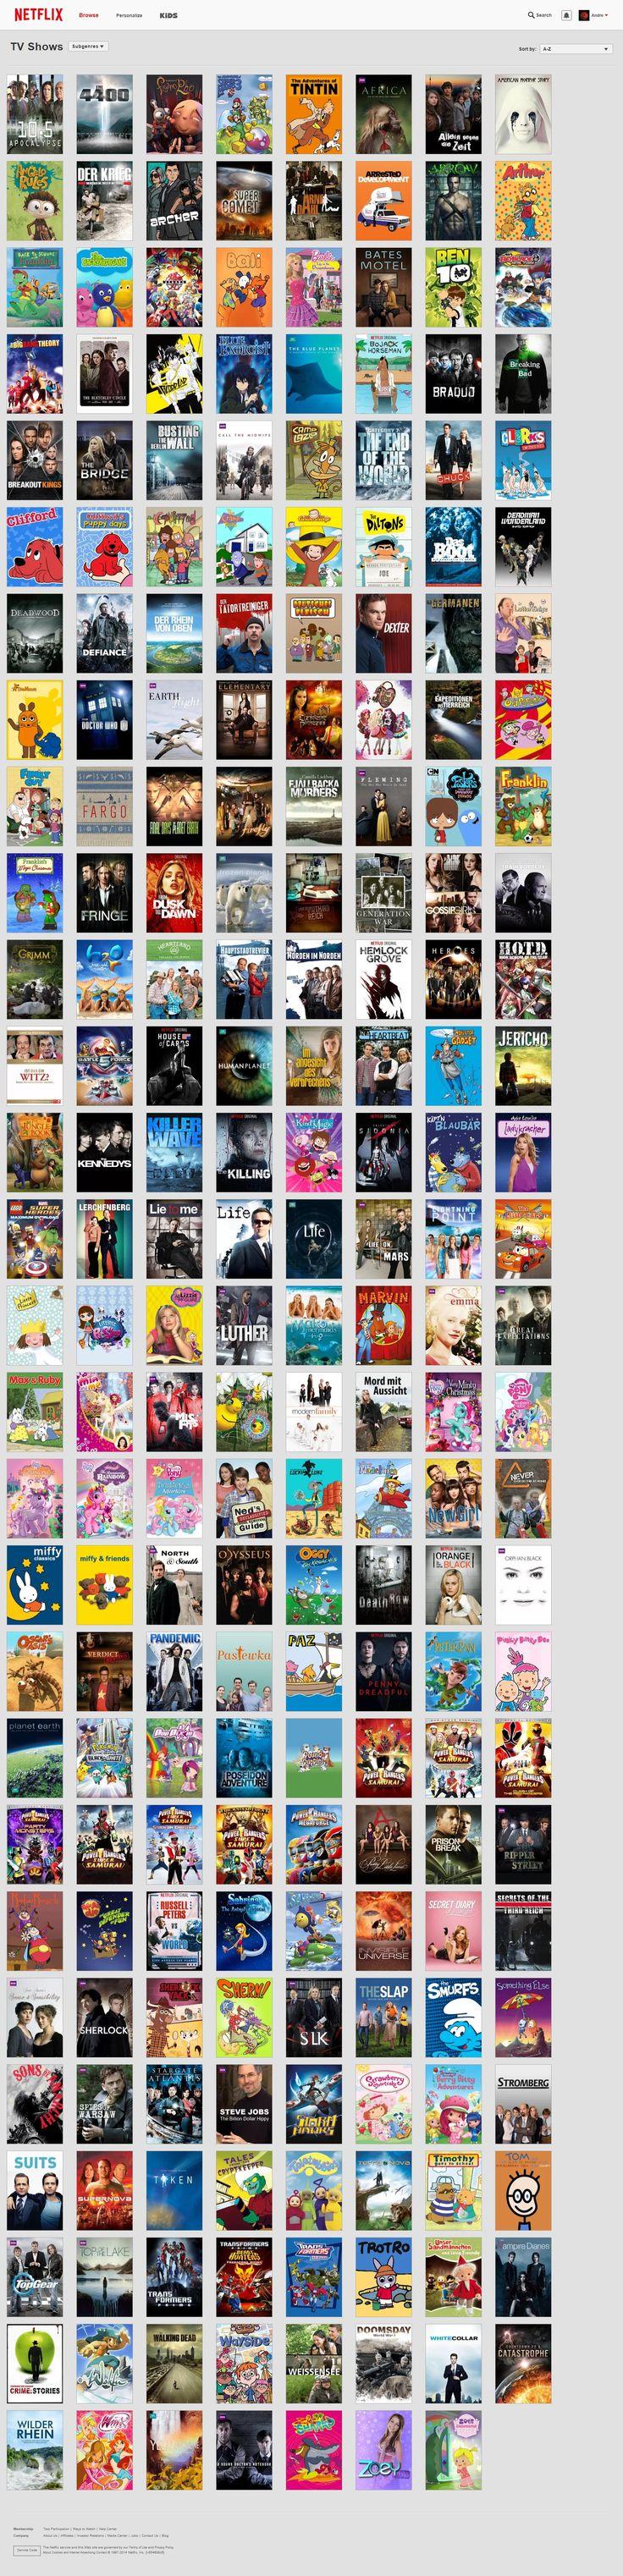 Infografik zum Angebot von Netflix Deutschland - Imgur